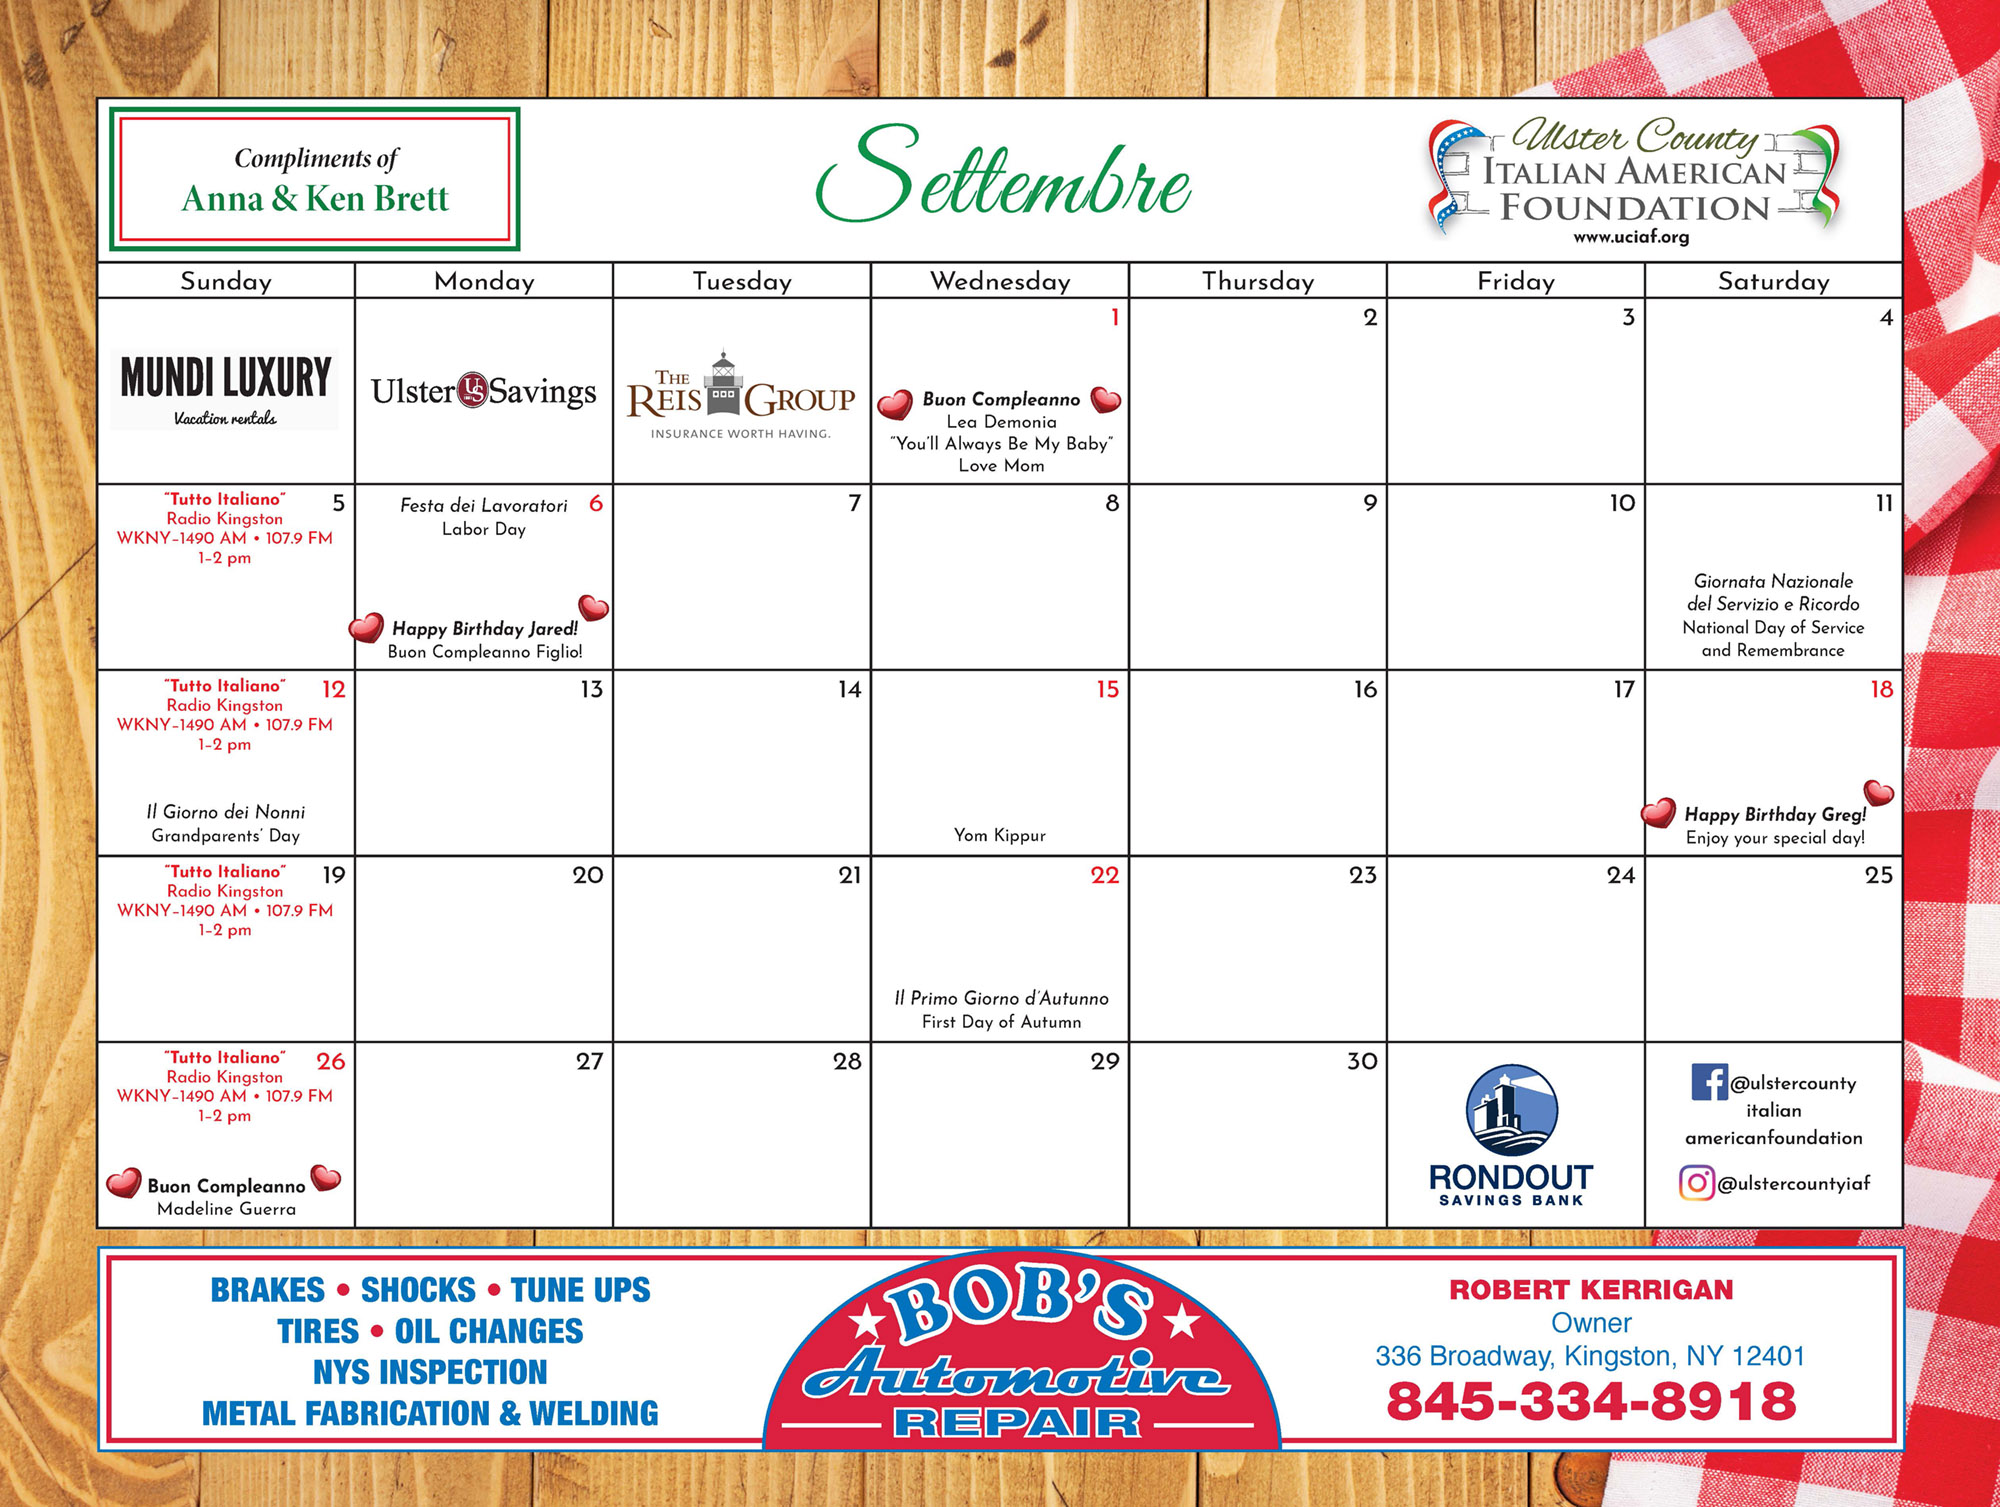 86199 UCIAF 2021 Calendar_Page_09